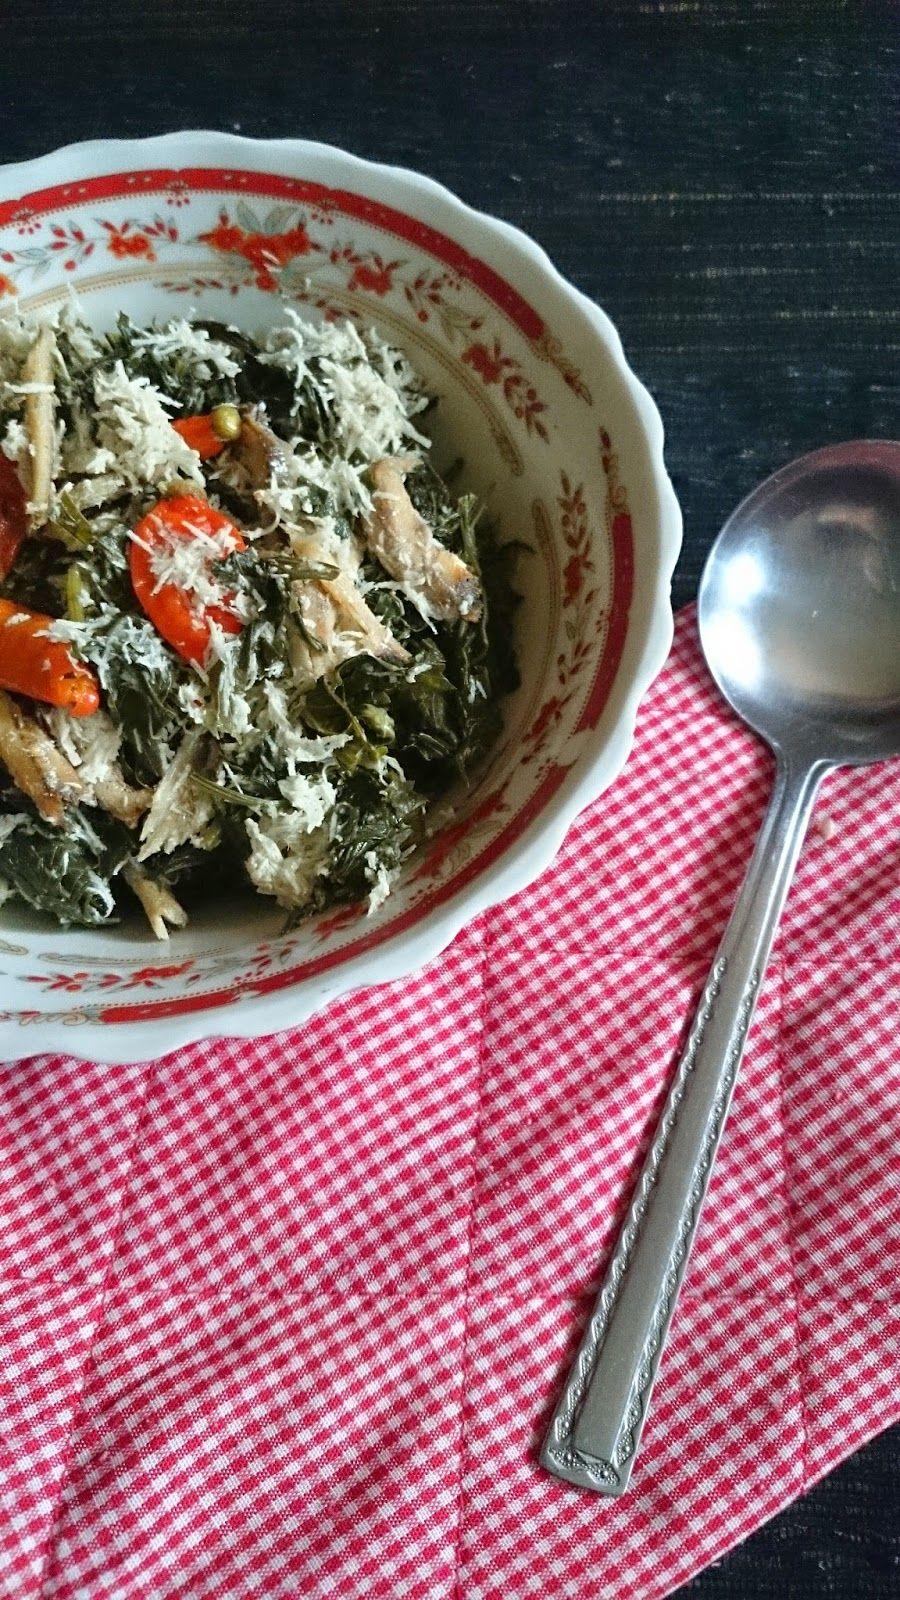 Rumah Makan Djowo Klaten Kaprok Oblok Oblok Food Edible